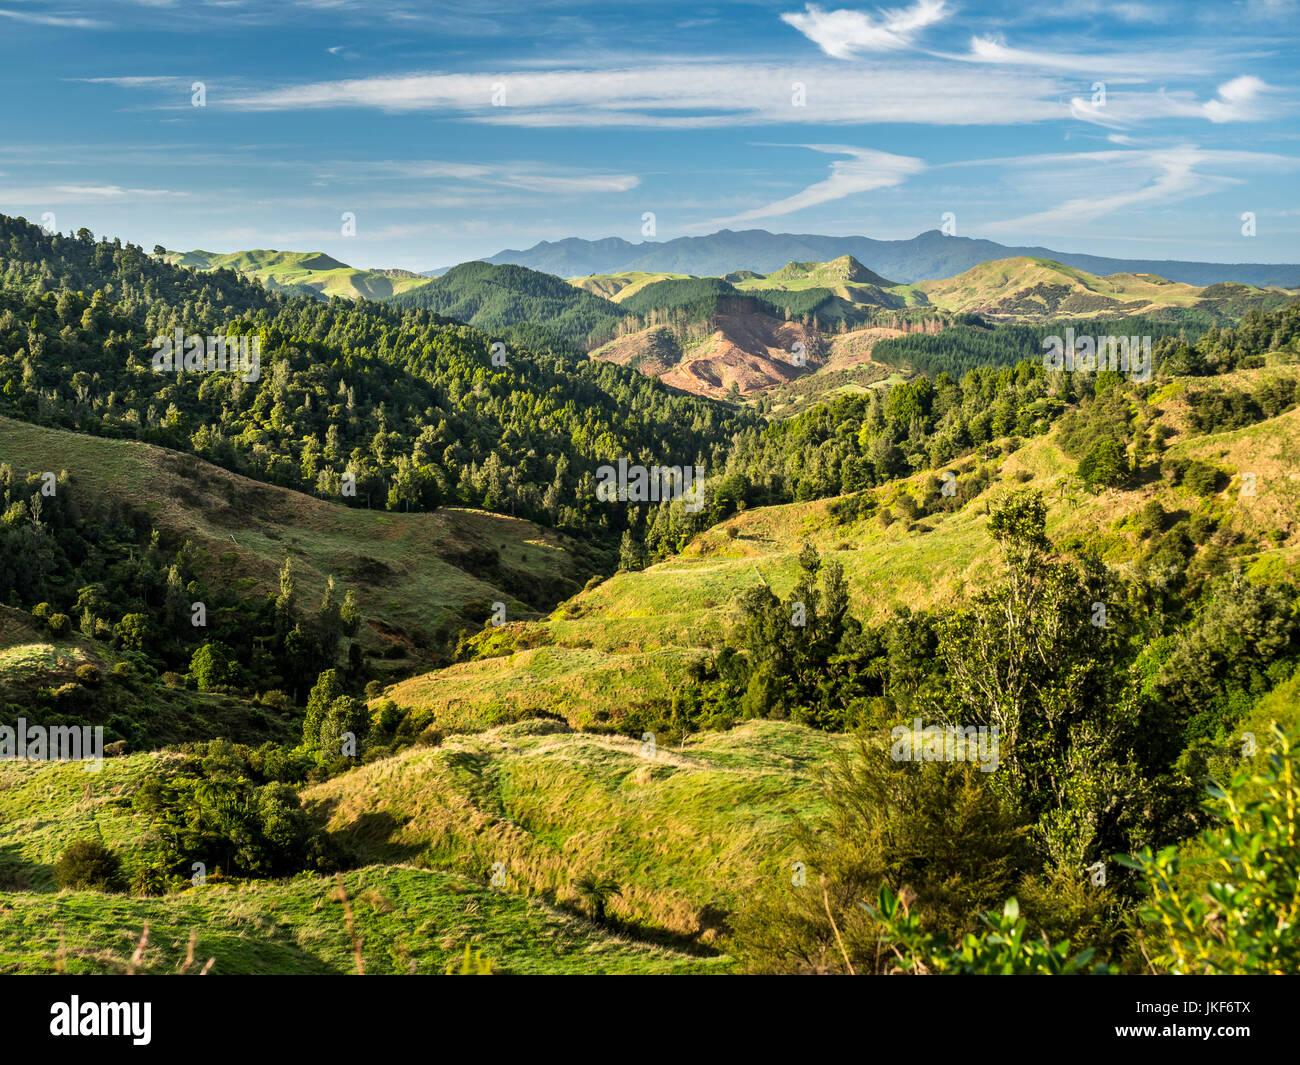 Neuseeland, Nordinsel, Region Waikato, scenics Stockbild